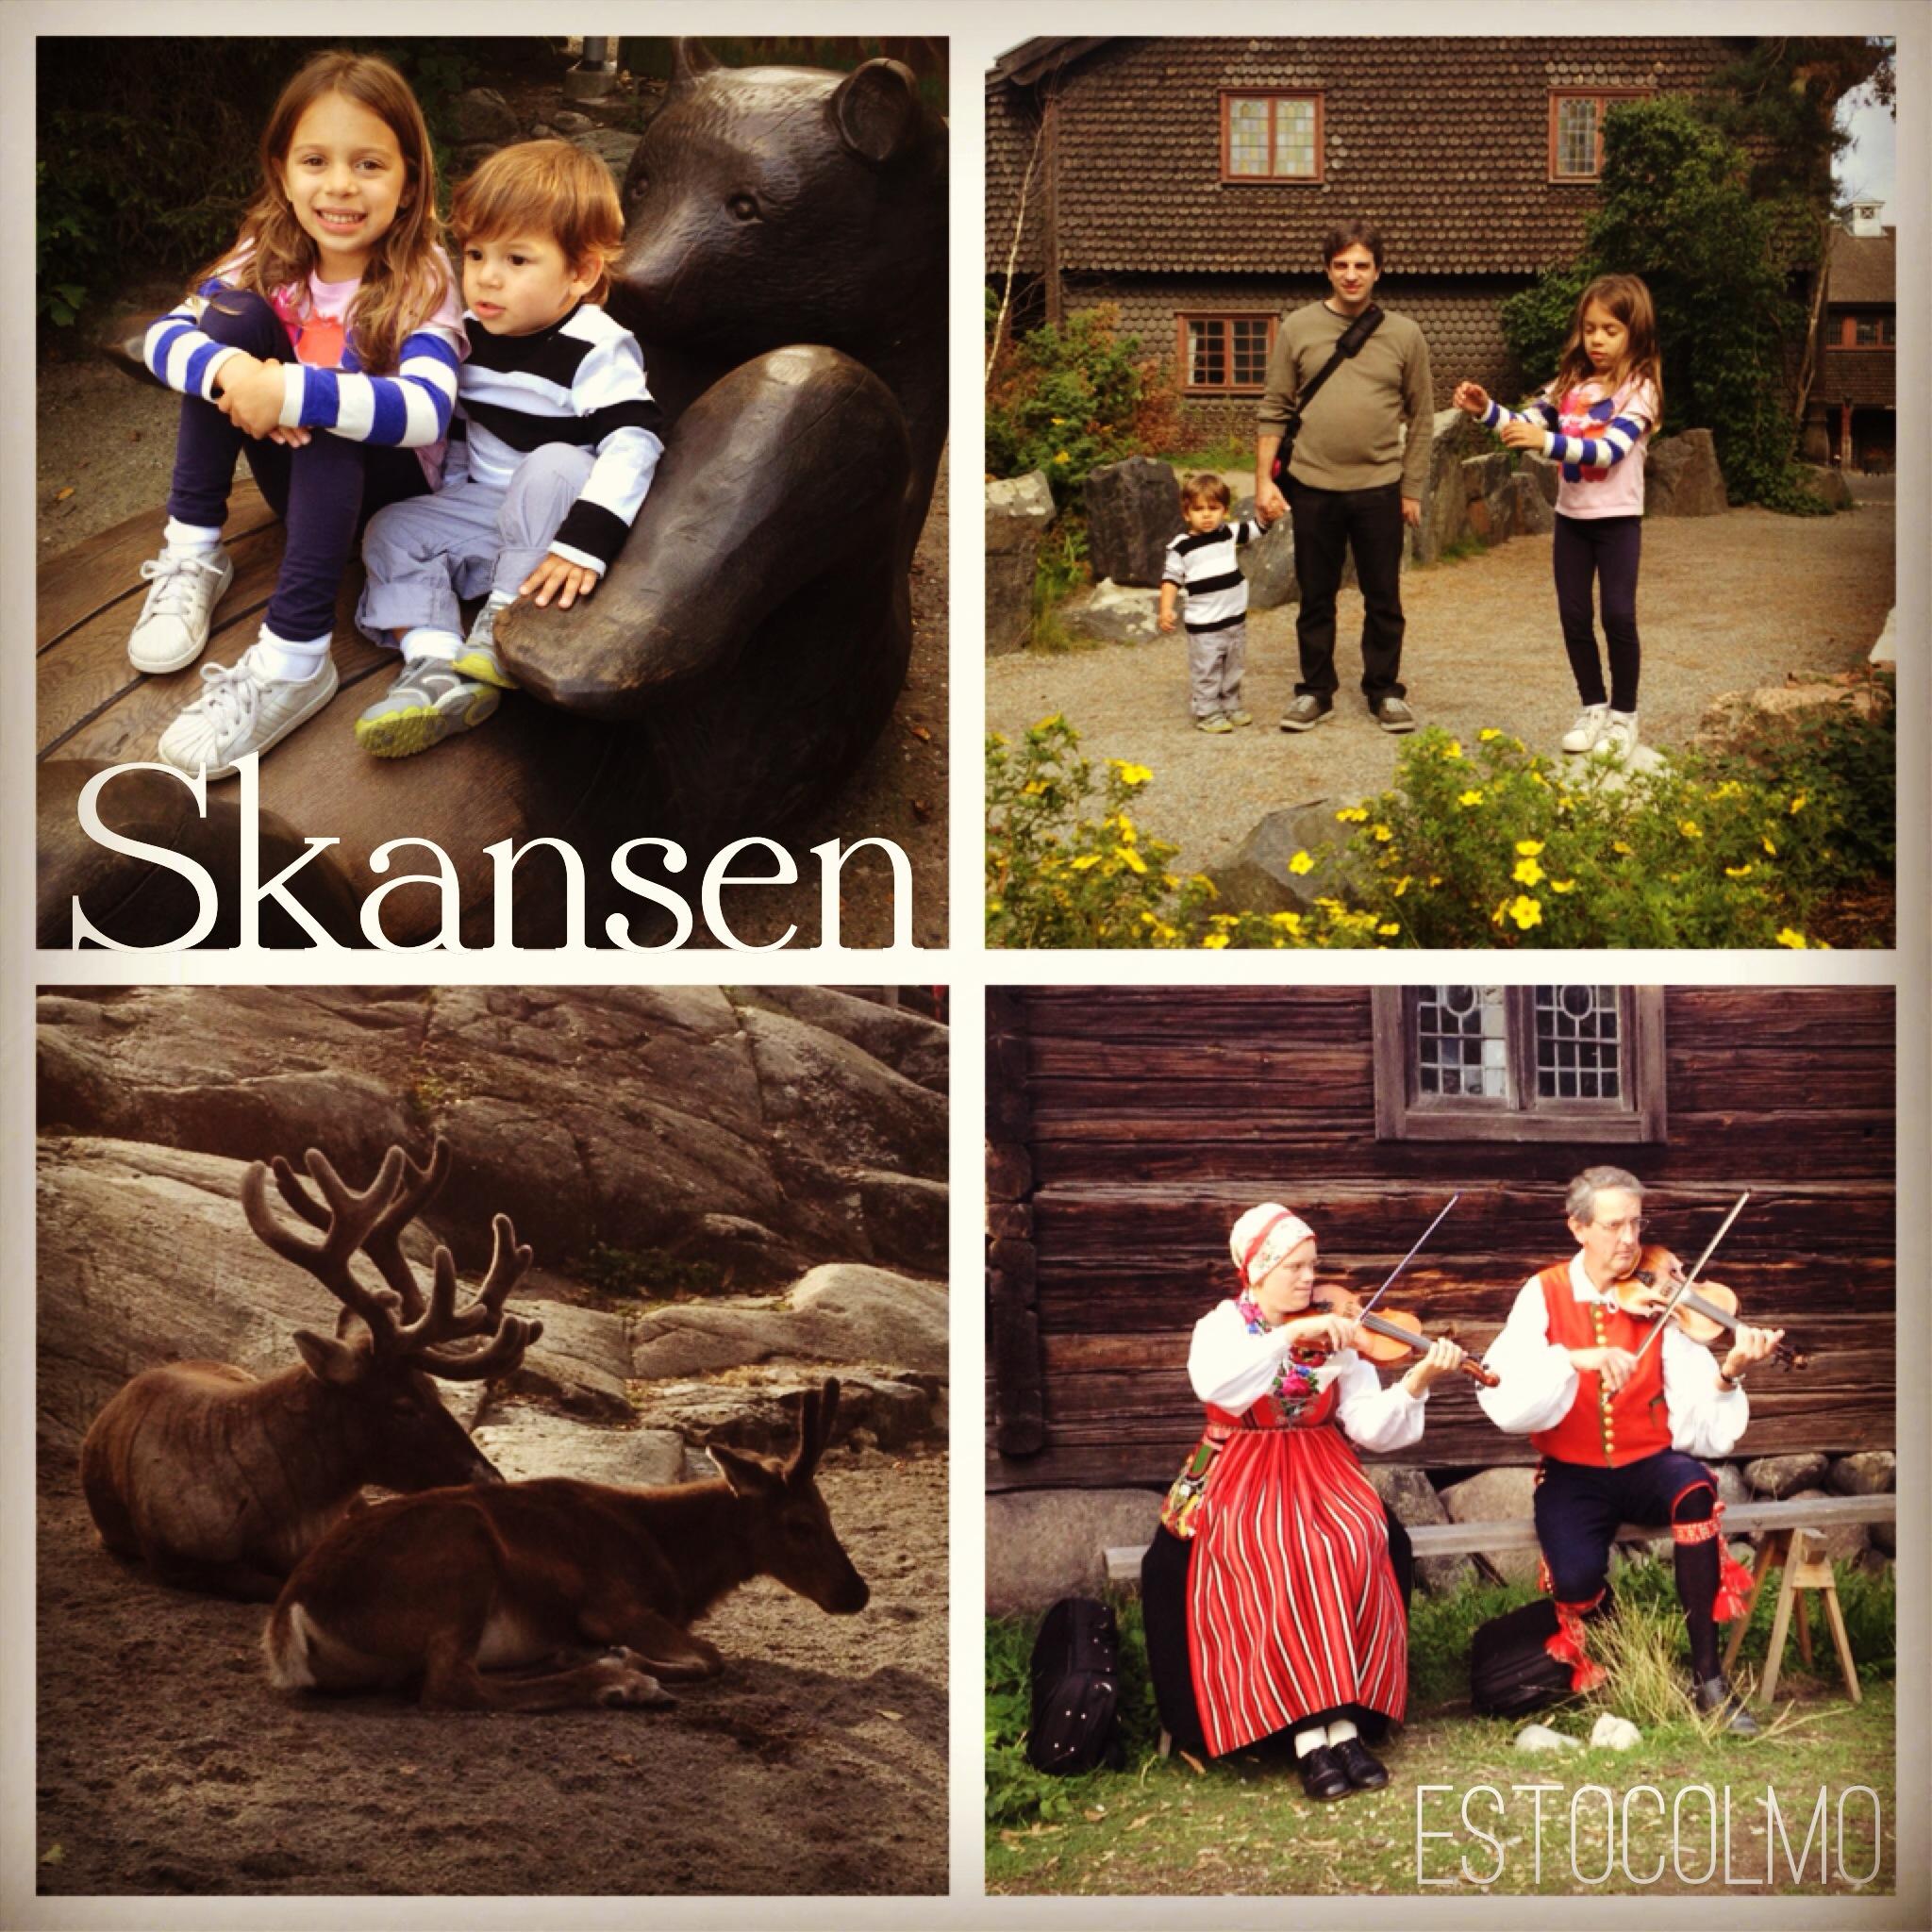 Visitando Skansen no verão, as crianças amaram (e nós também)